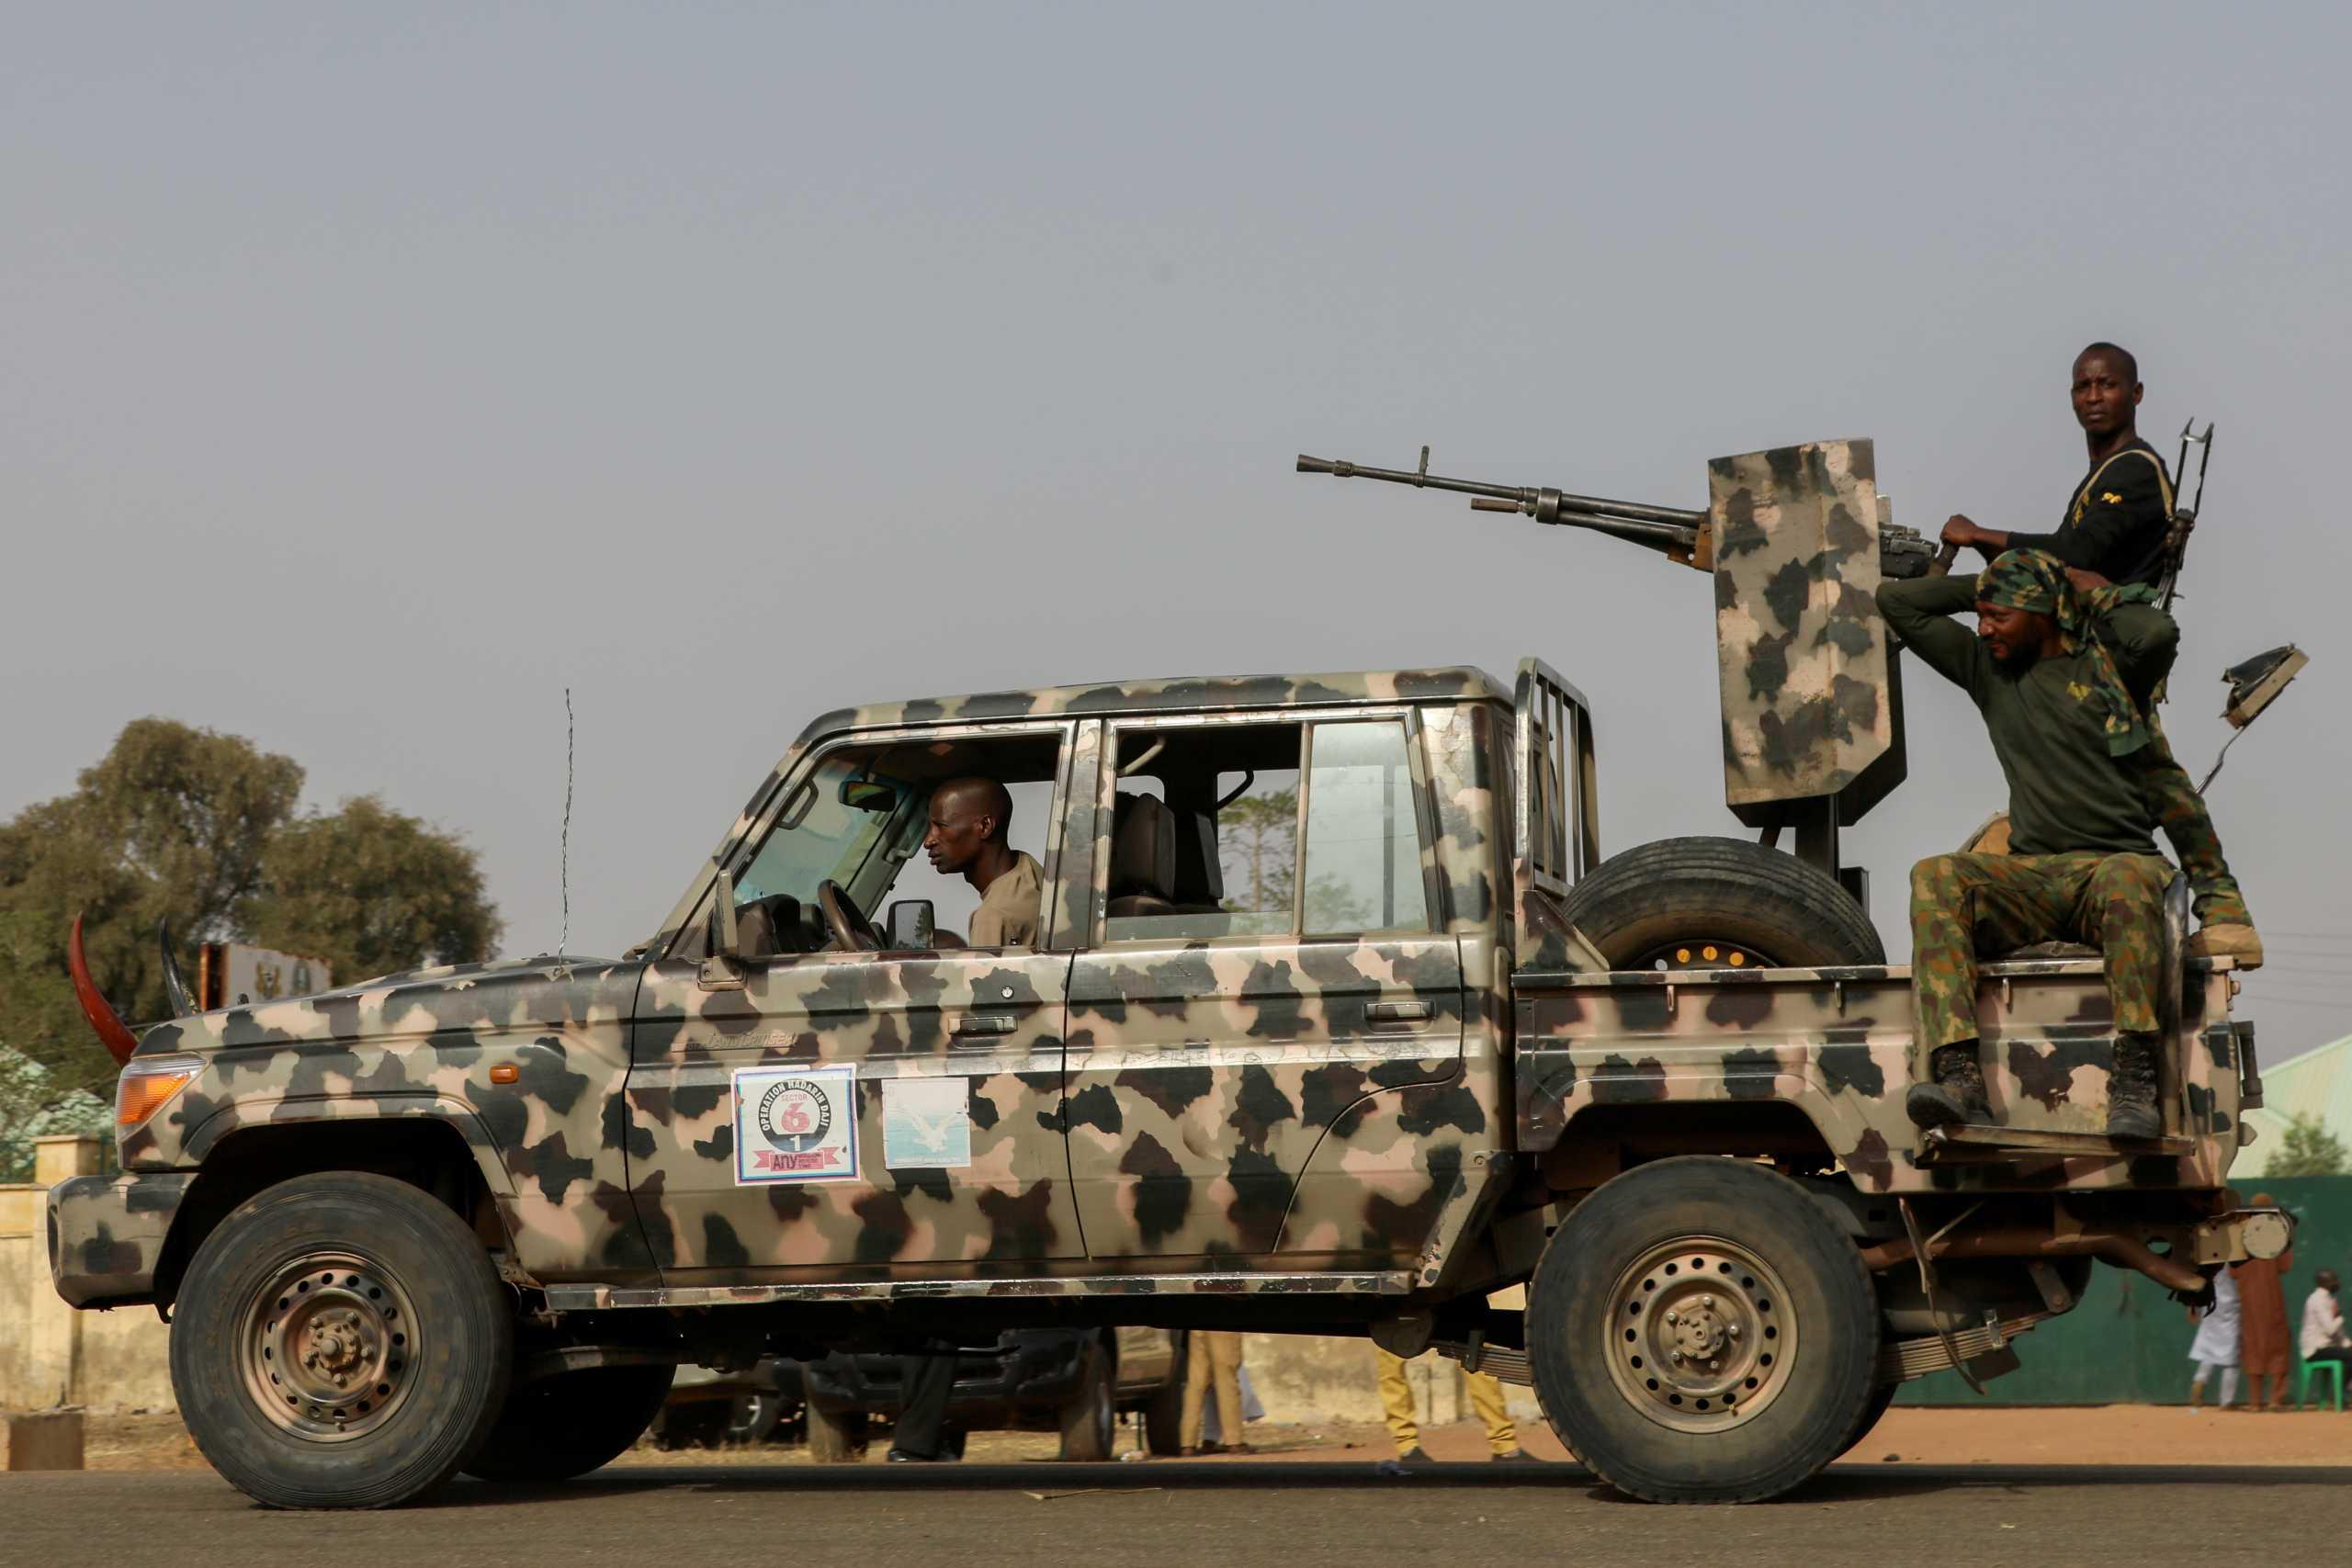 Νιγηρία: 8 στρατιωτικοί νεκροί σε ενέδρα του Ισλαμικού Κράτους